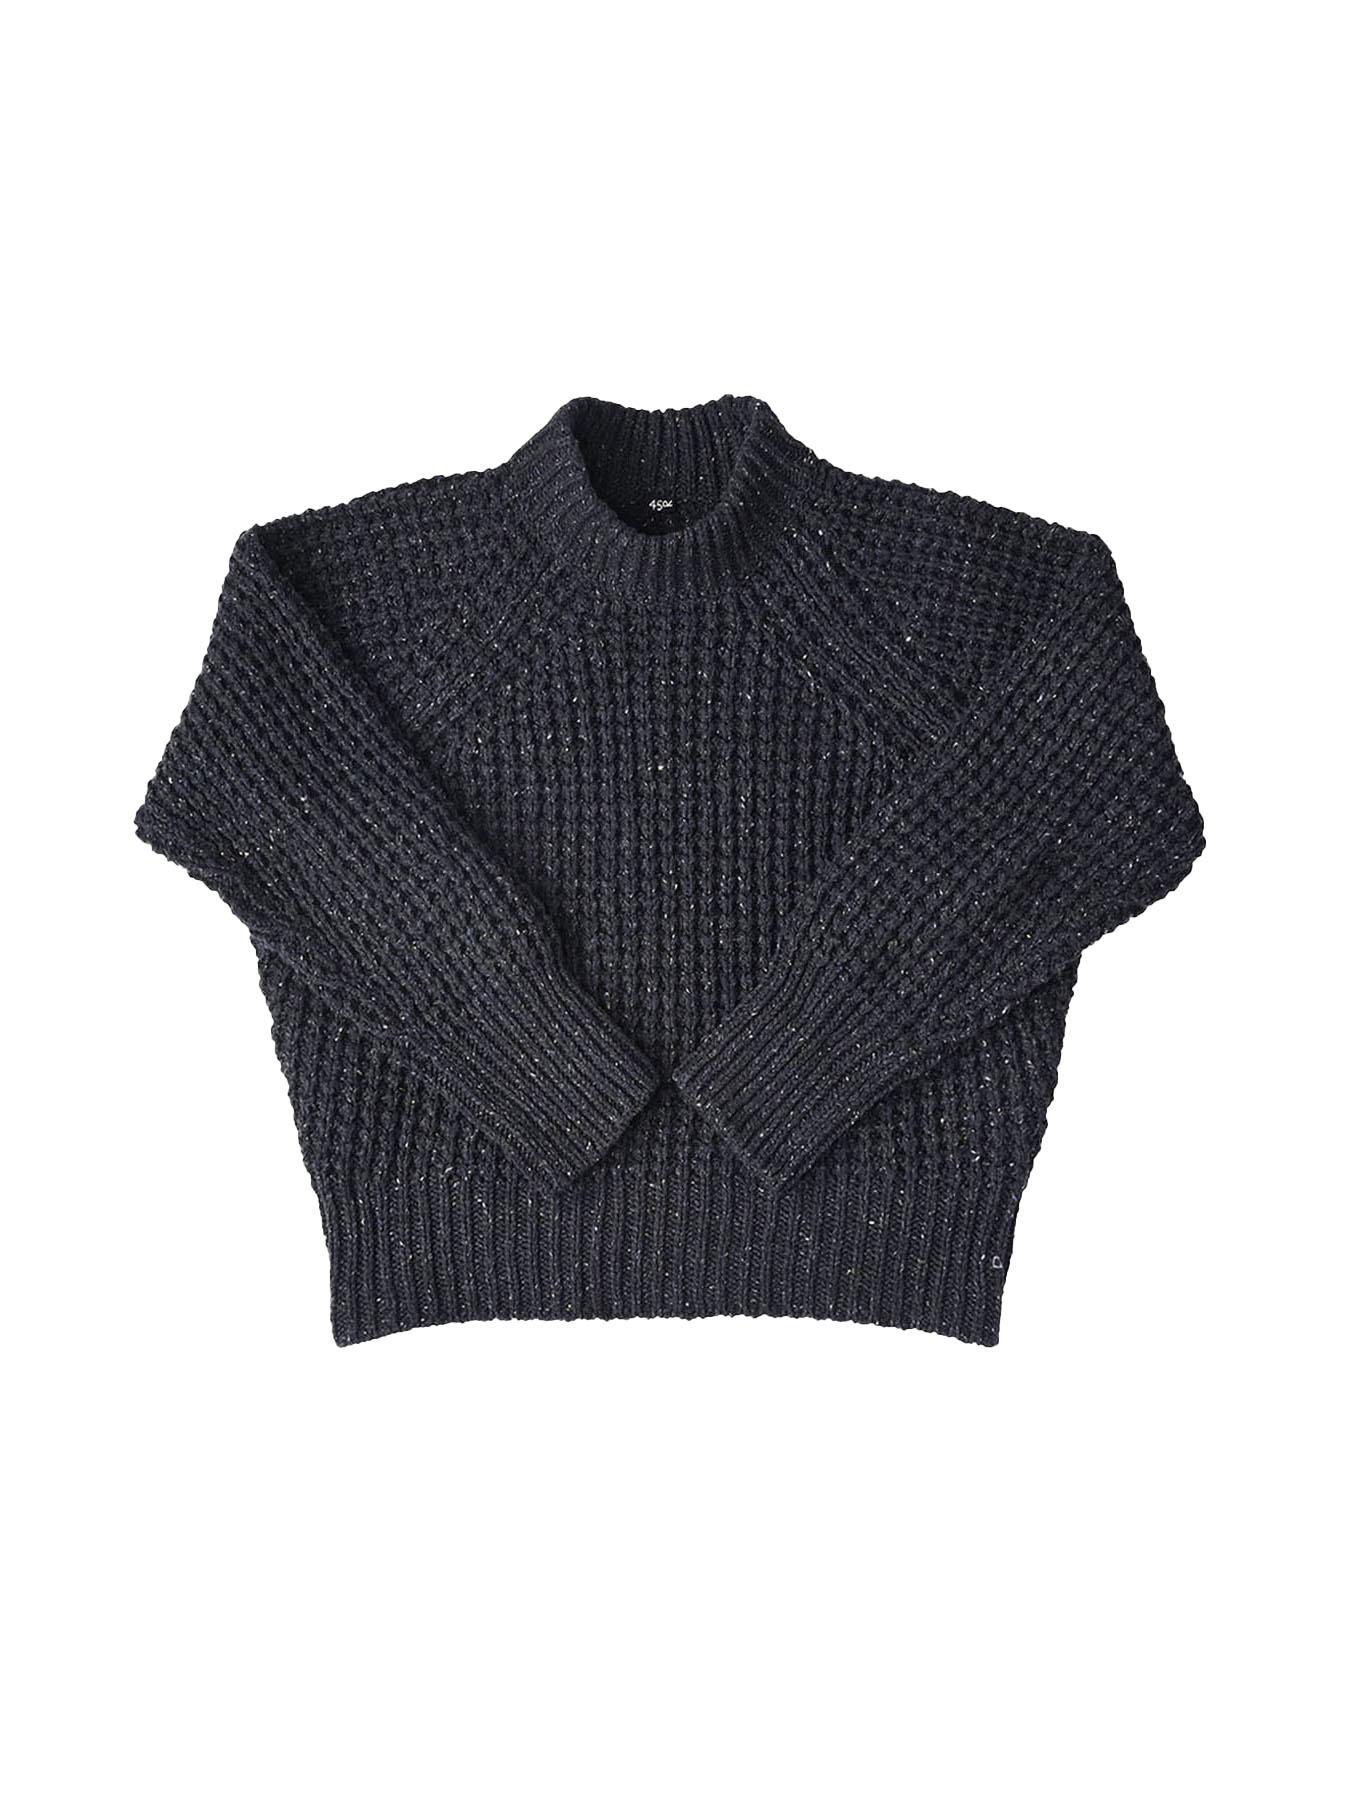 Cotton Knit-sew Big Waffle Sweater-3